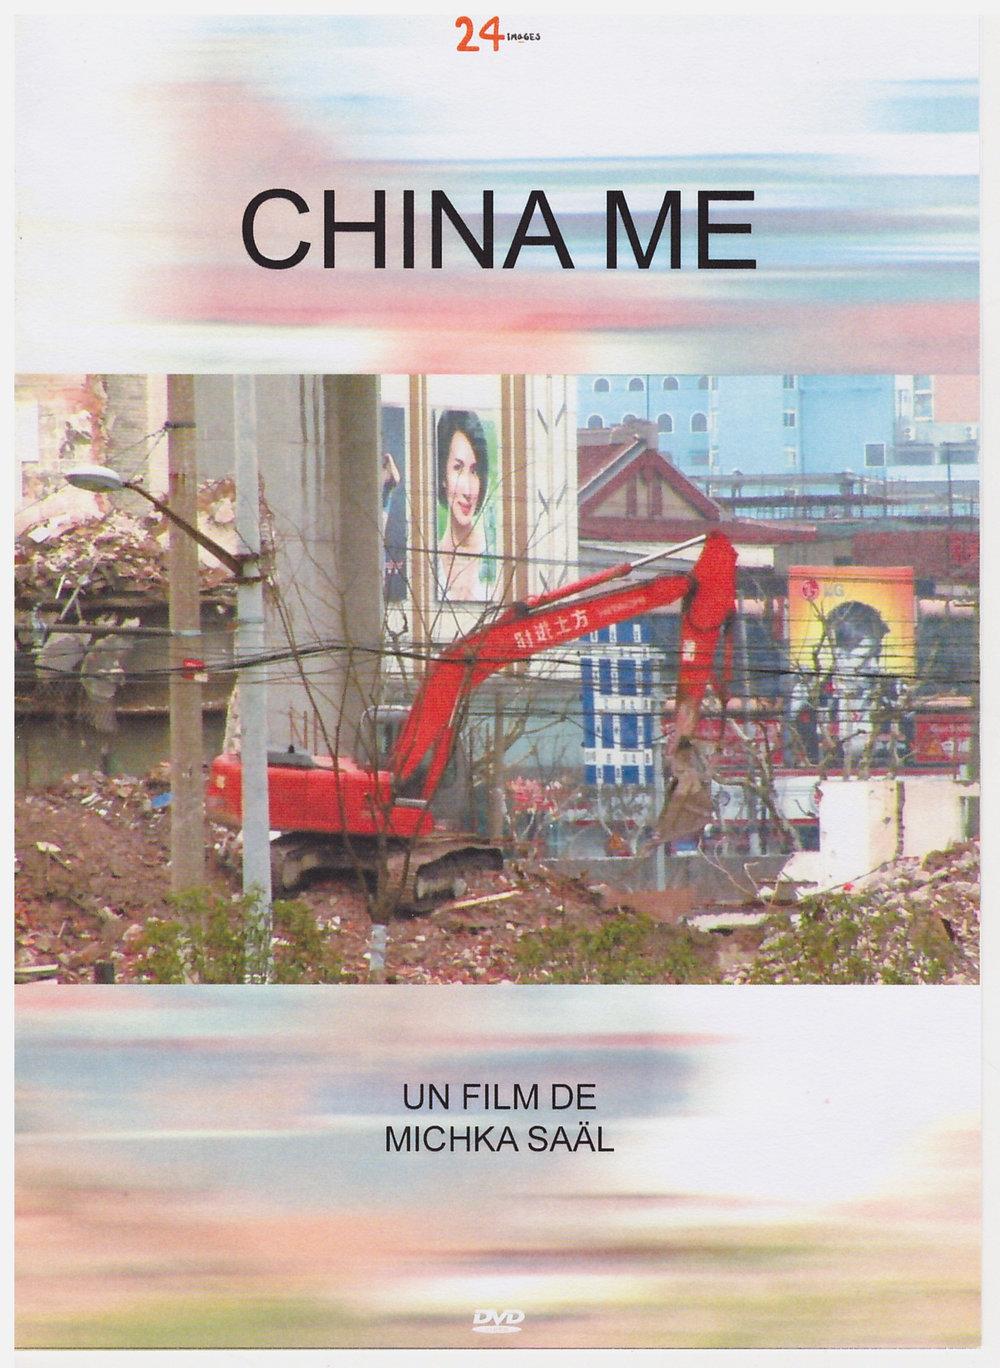 CHINA ME (2014)